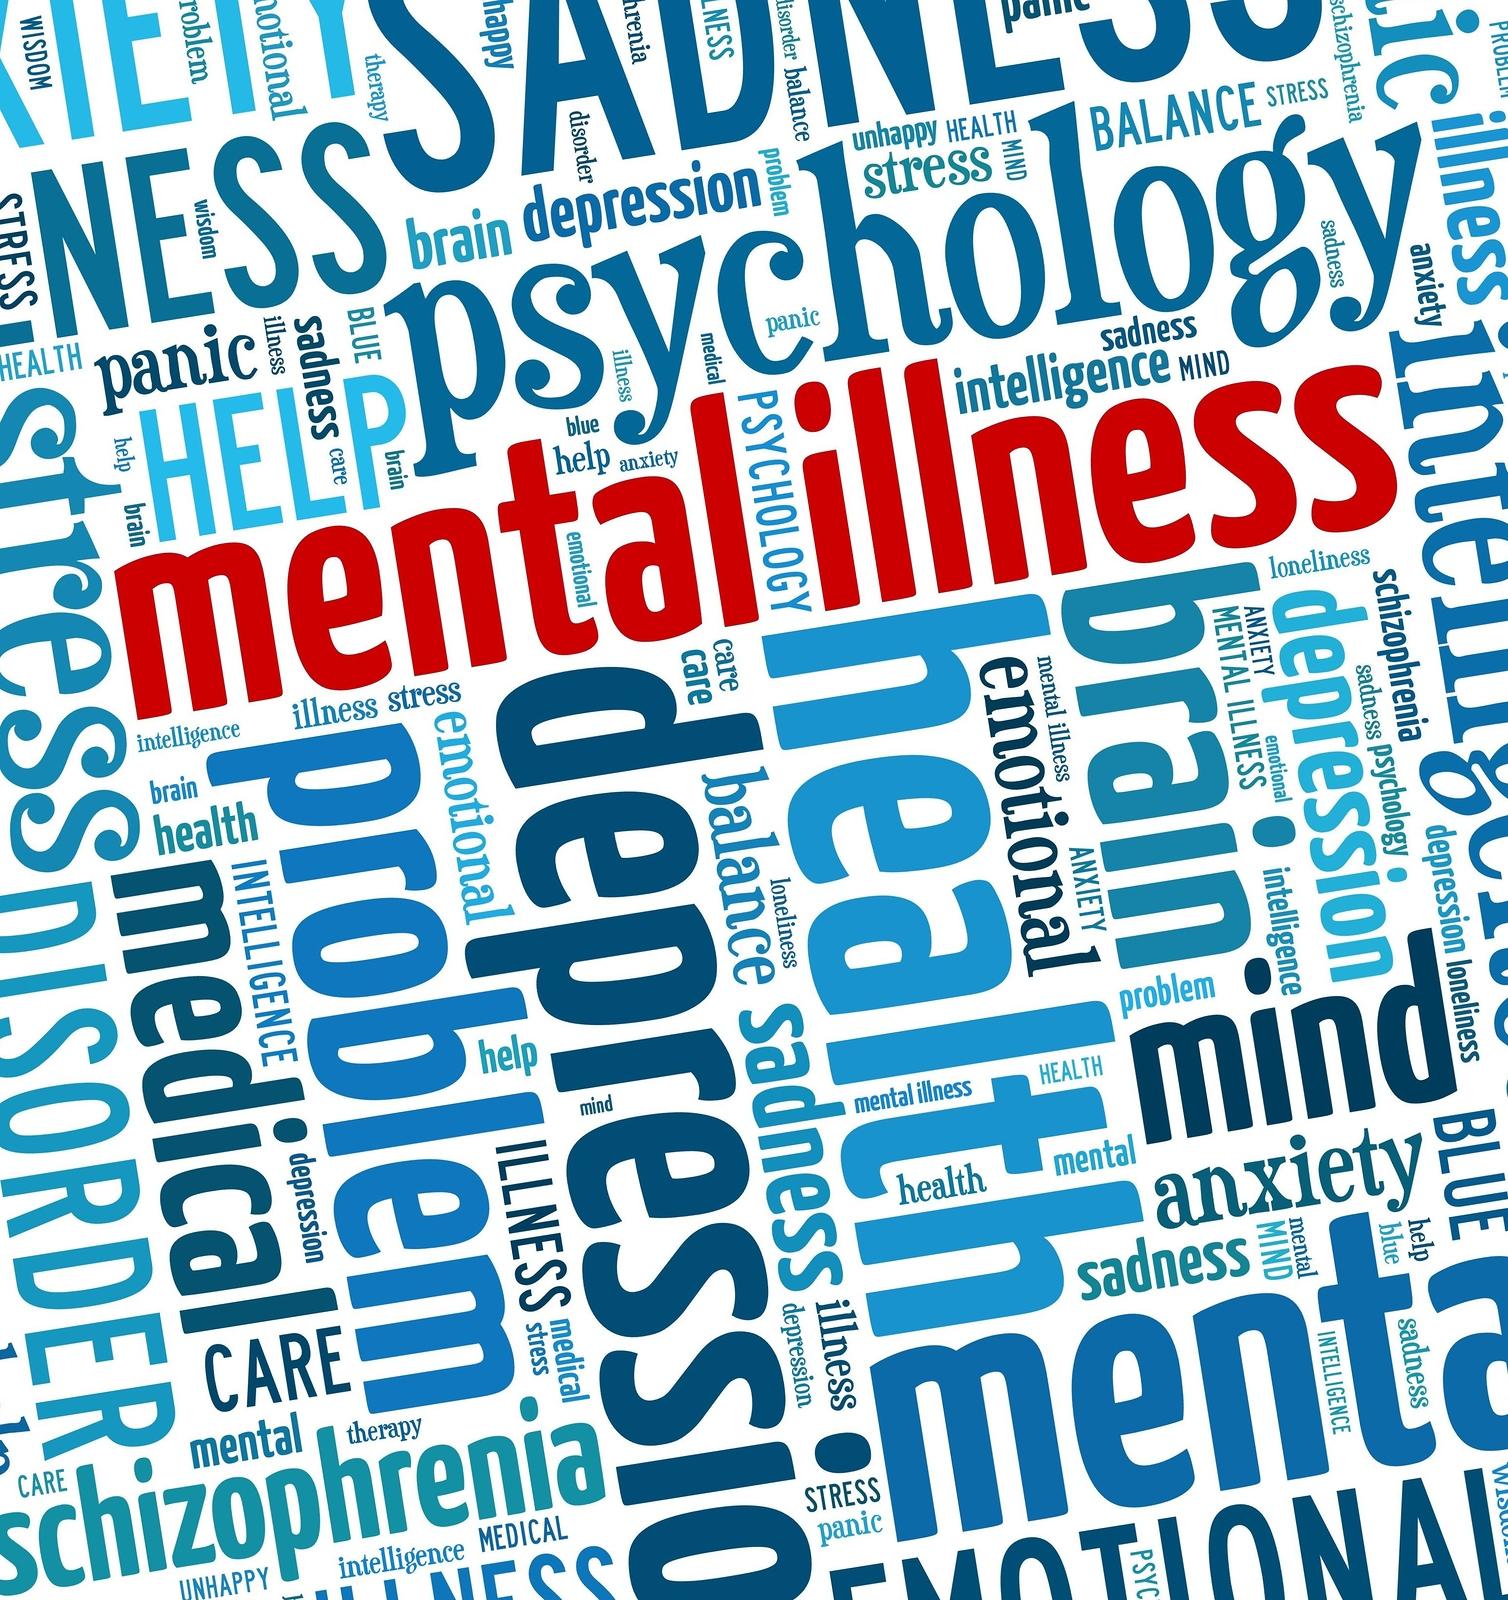 6 Ya Novels That Deal With Mental Health